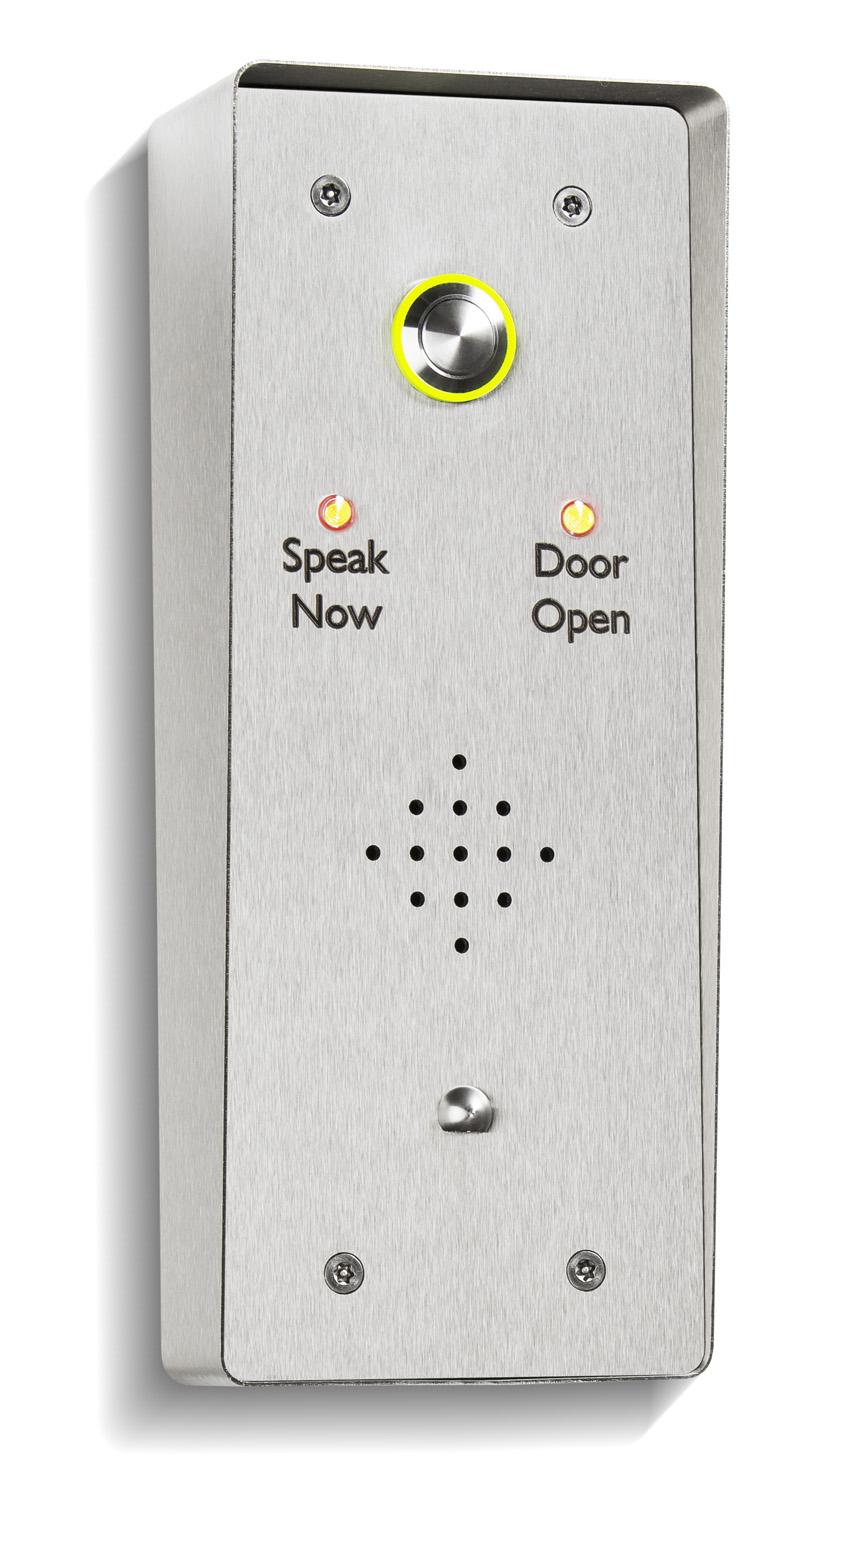 BELL SYS DOOR PANEL